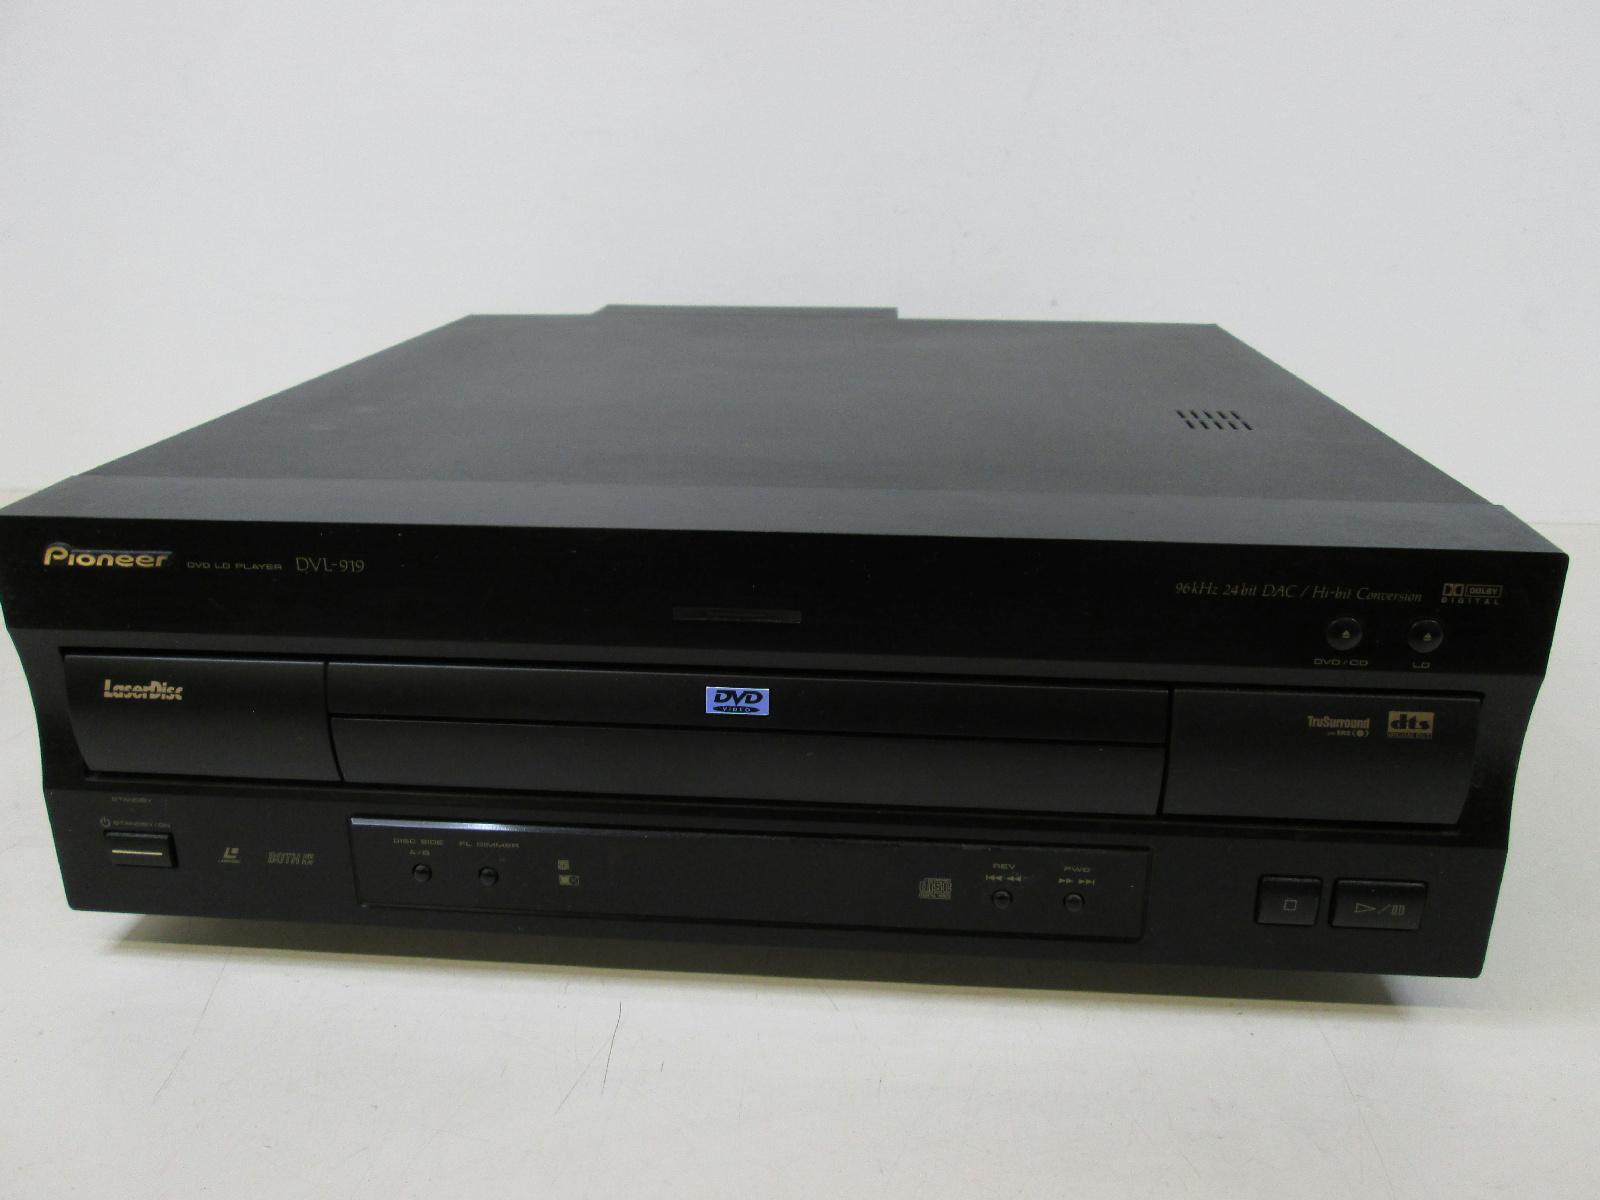 pioneer dvl 919 laserdisc dvd player bundle 10 discs. Black Bedroom Furniture Sets. Home Design Ideas